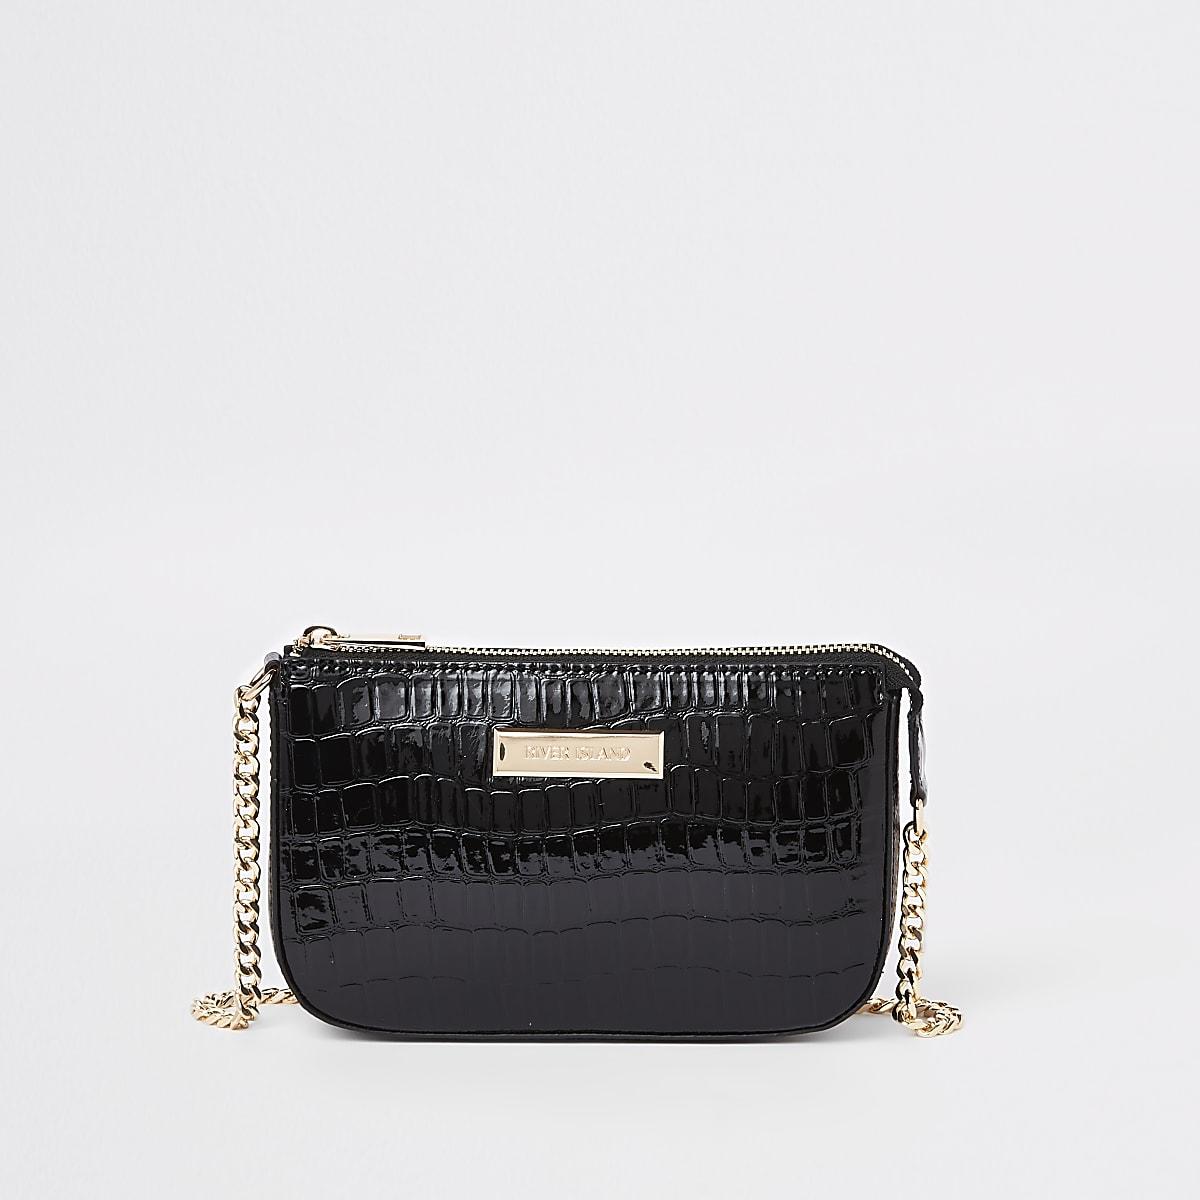 Black croc mini underarm bag